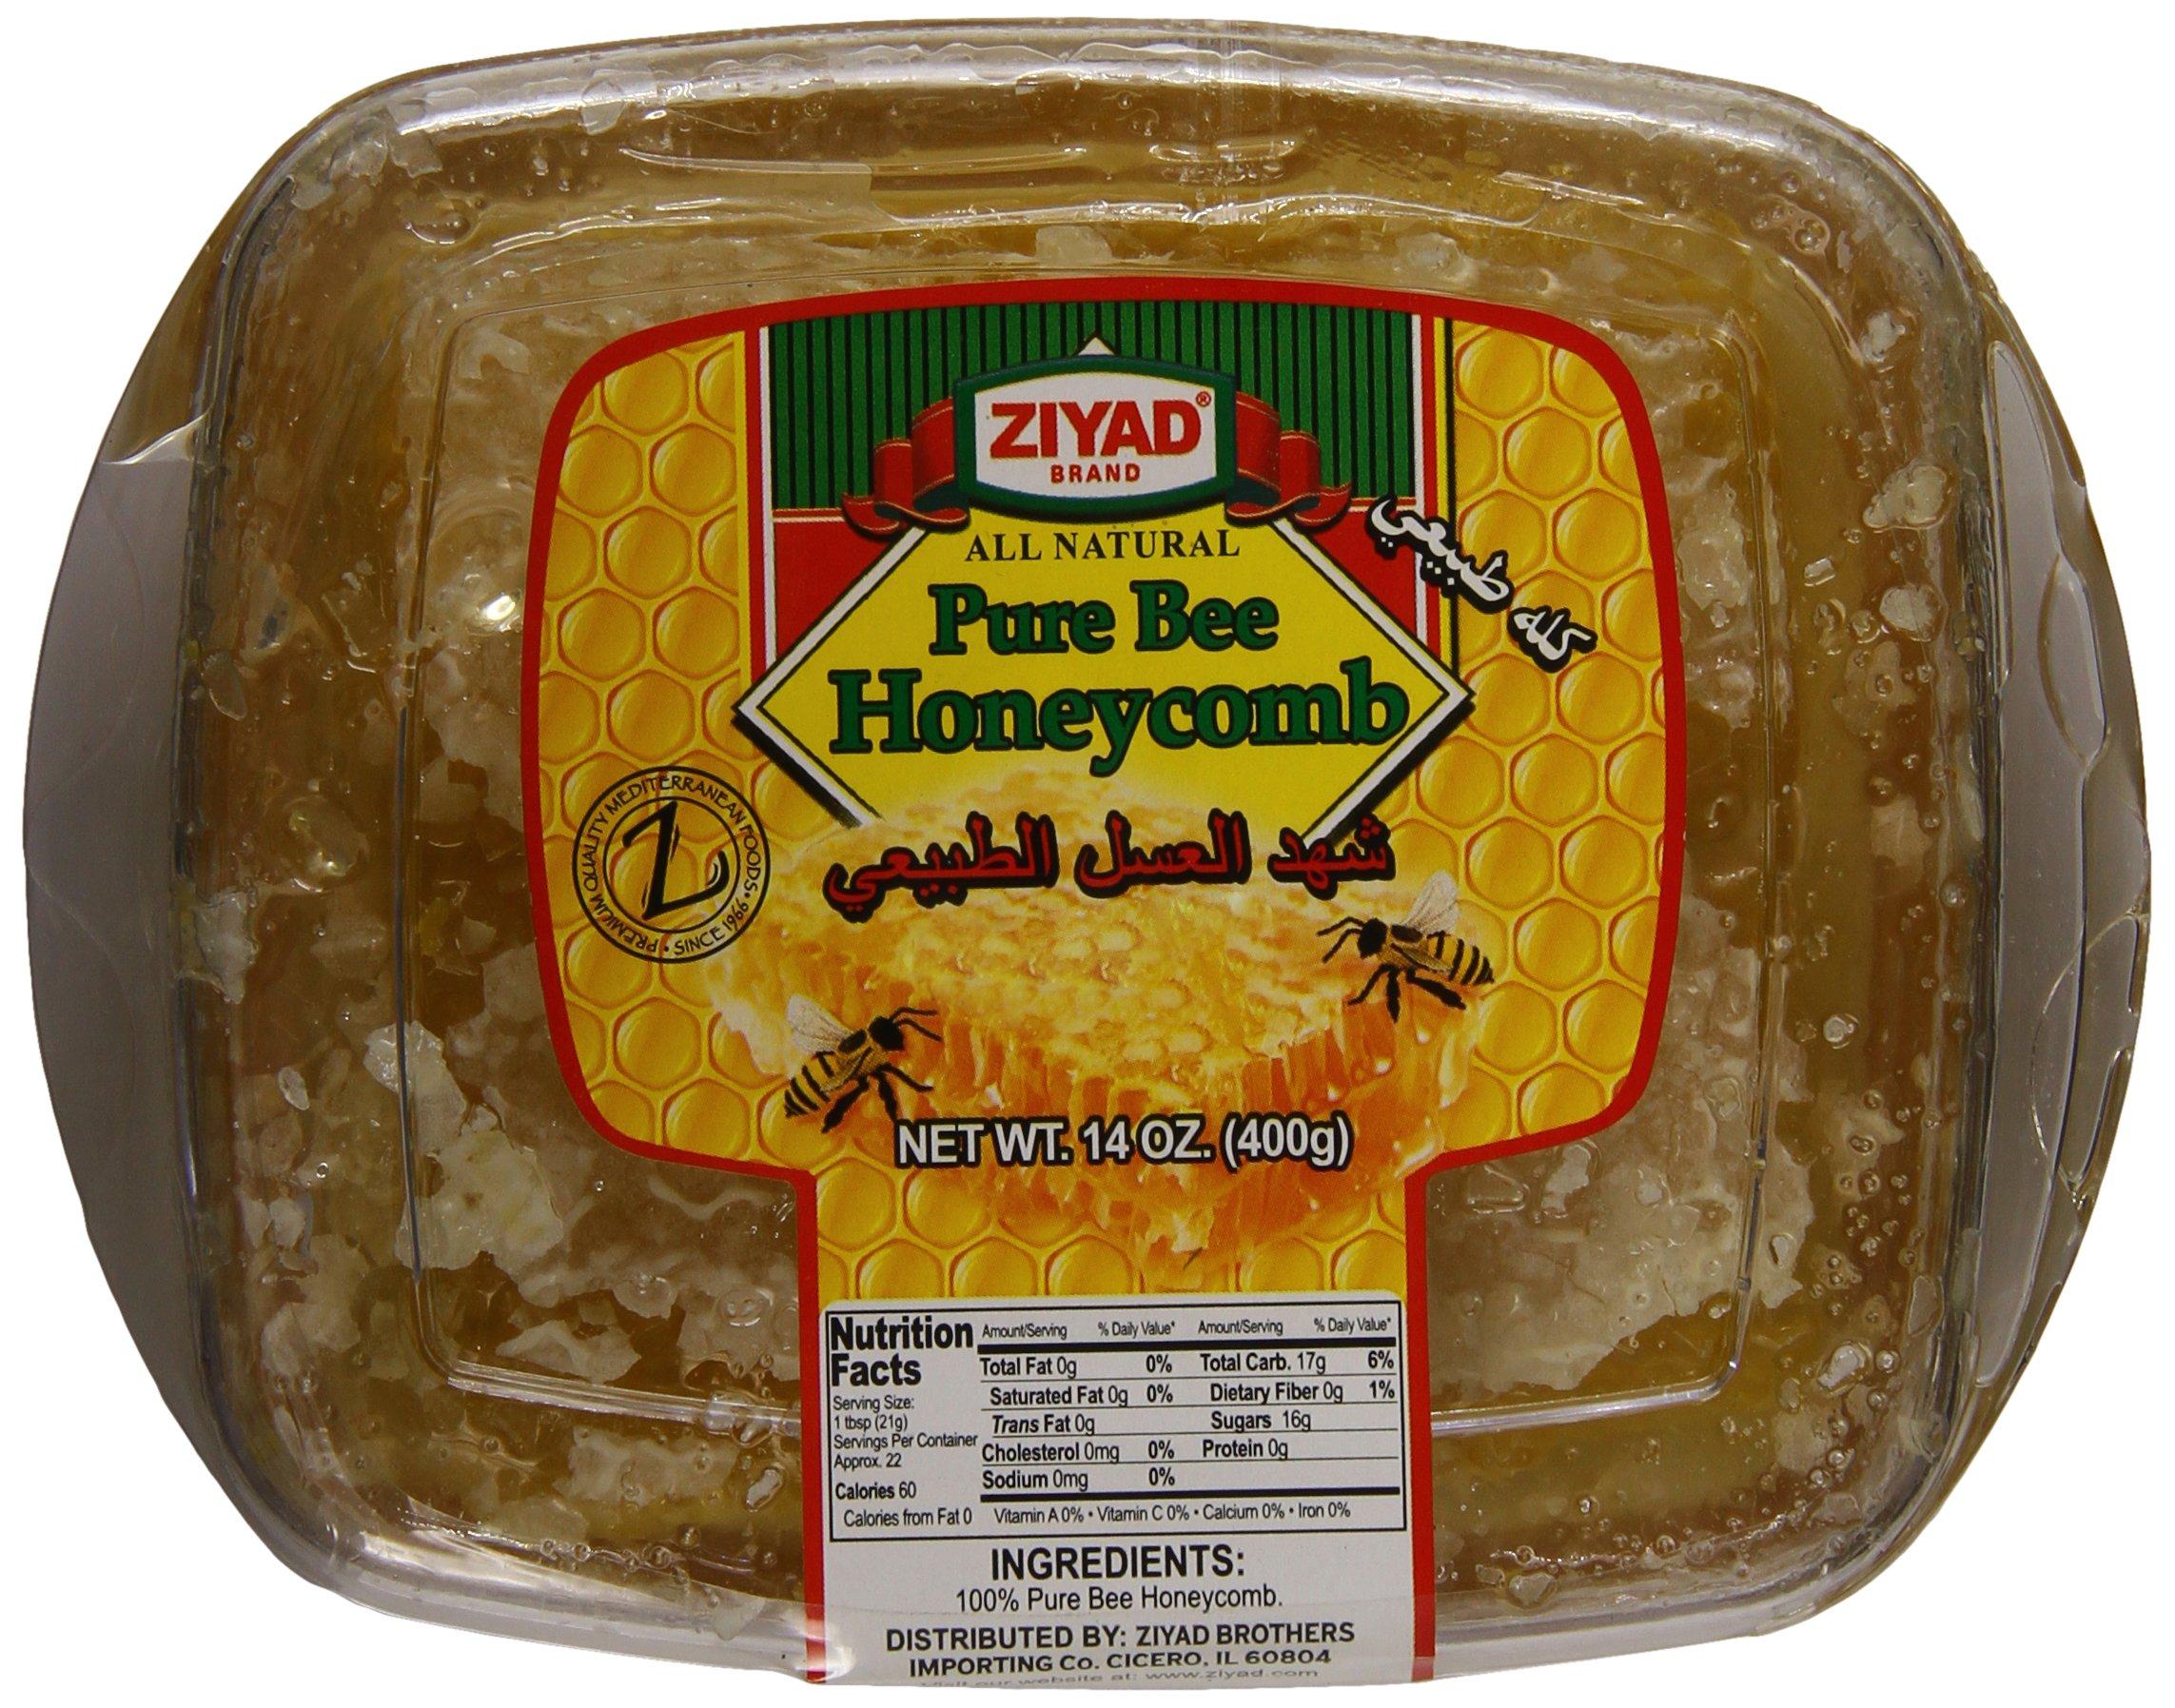 Ziyad All Natural Pure Bee Honeycomb, 14 Ounce (Pack May Vary) by Ziyad